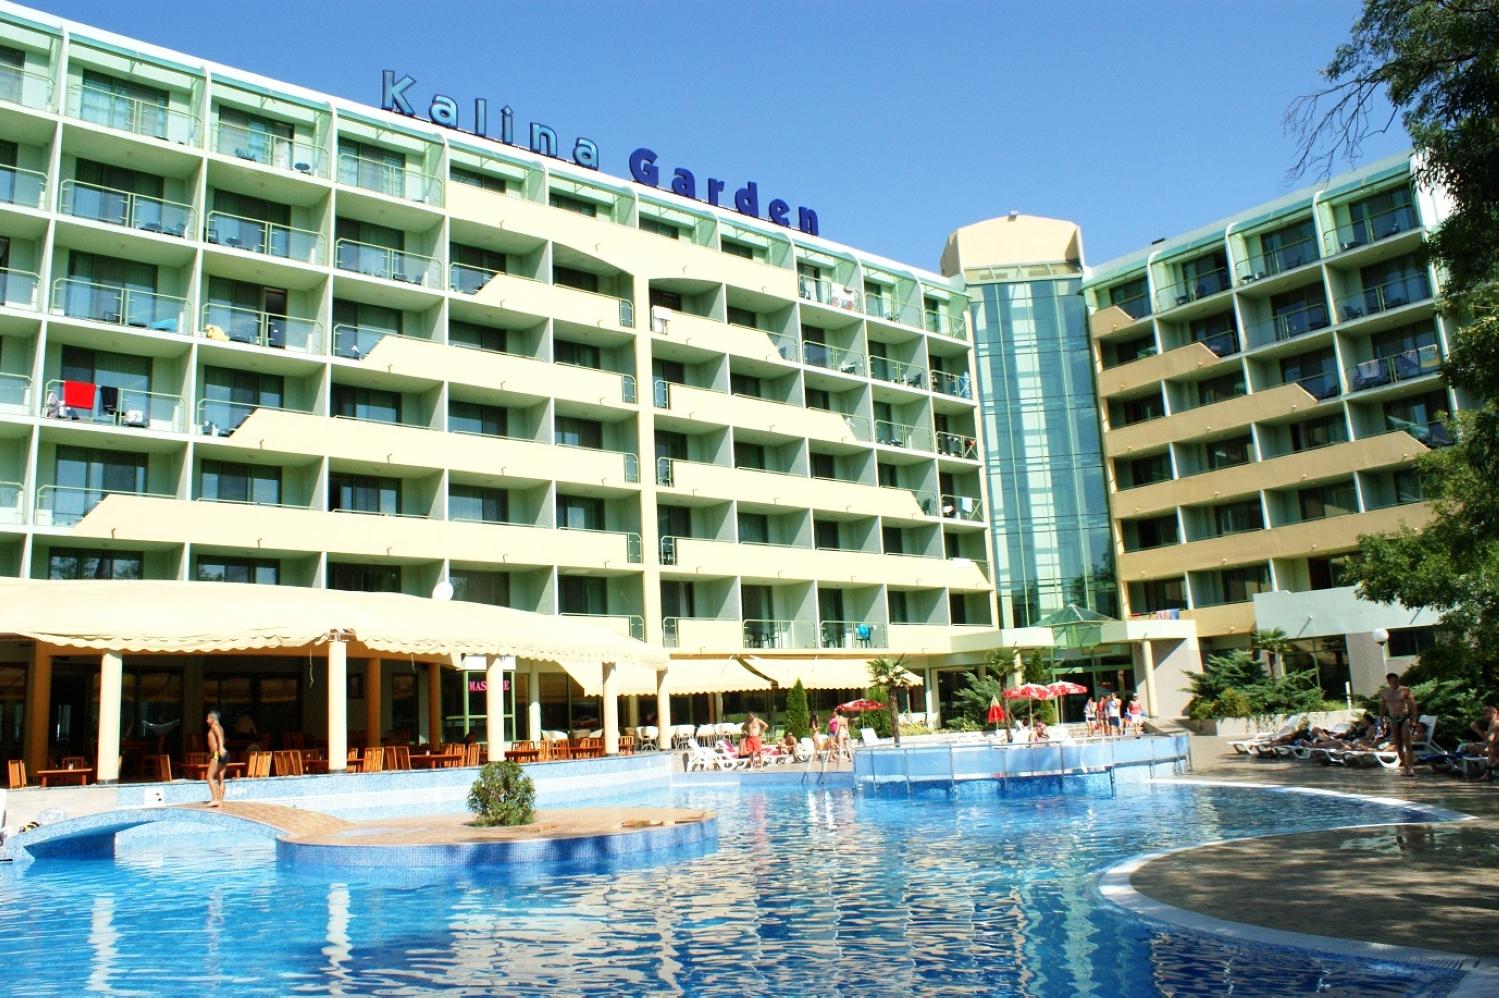 Тур в отель kalina garden